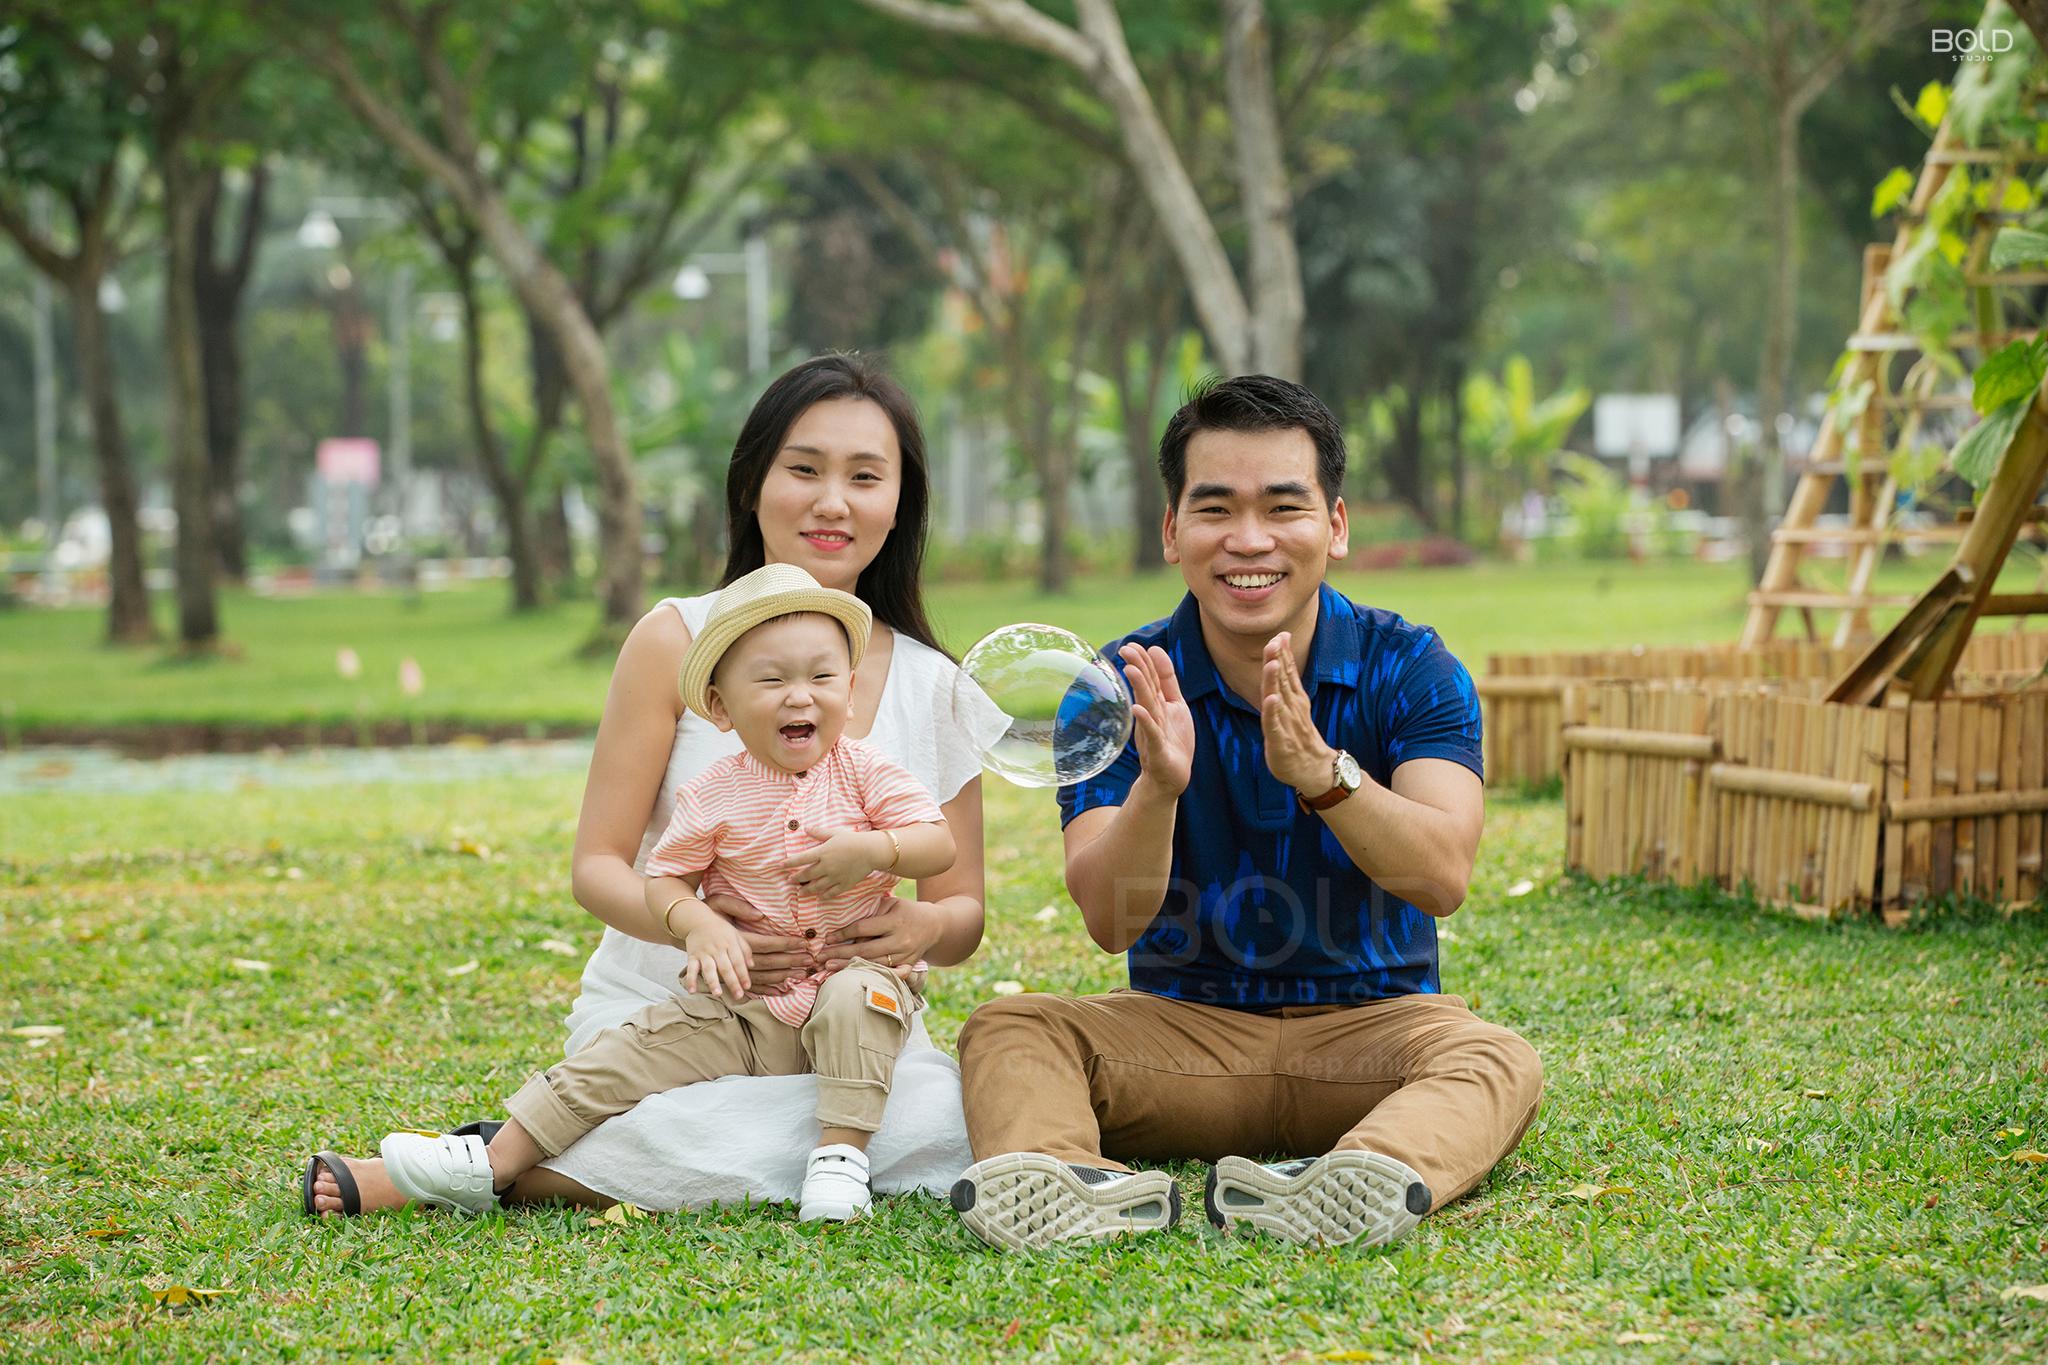 các kiểu chụp ảnh gia đình 3 người